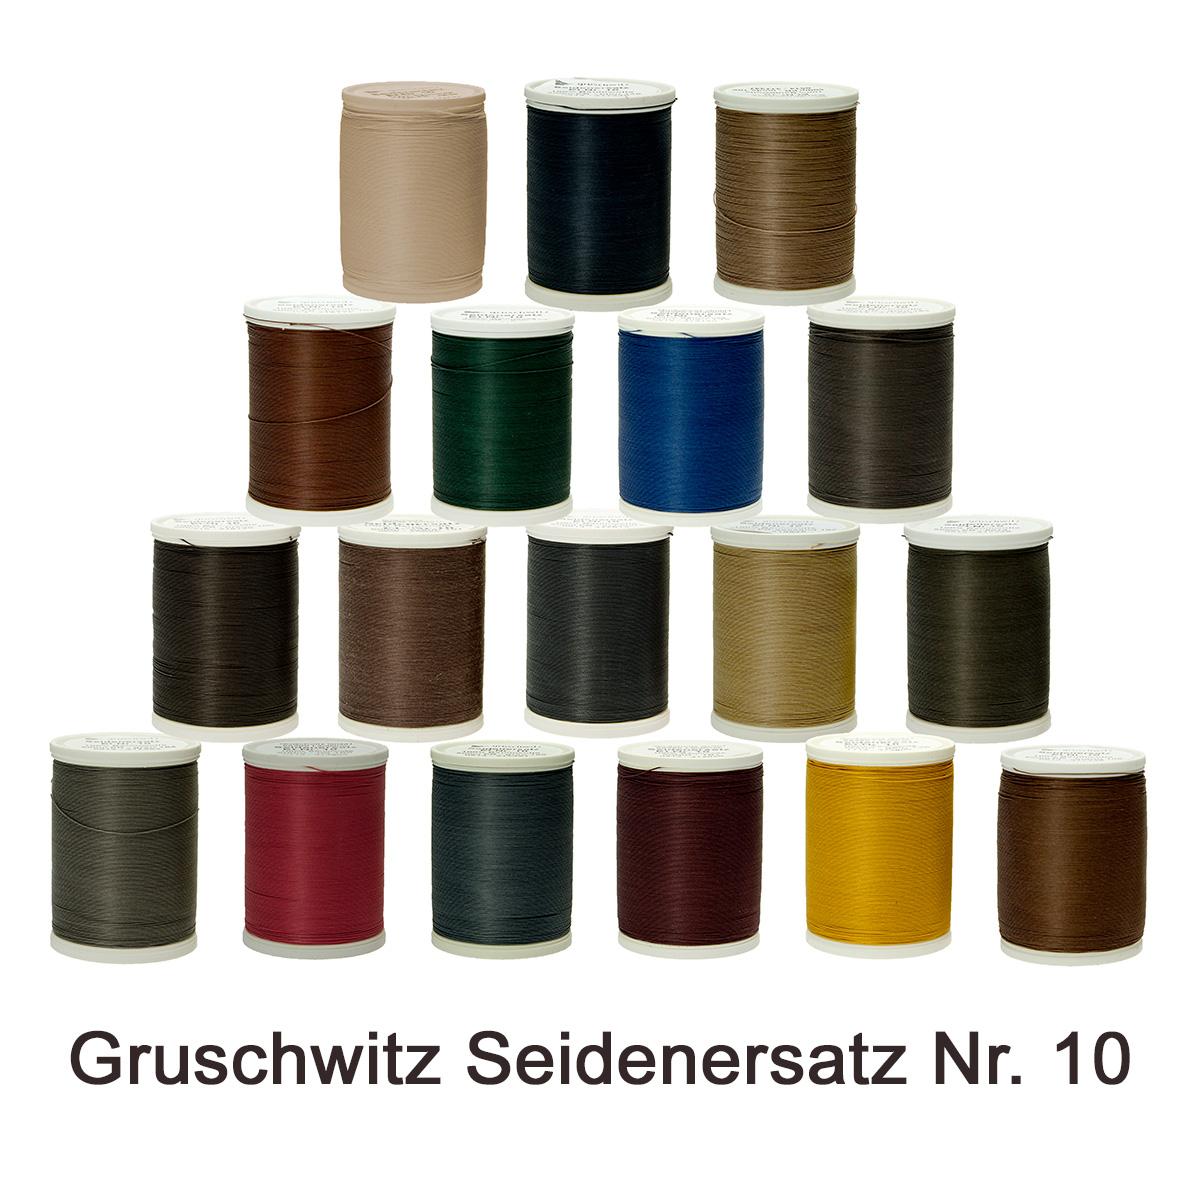 165 10 Rot Gruschwitz Seidenersatz Schuhmacher Garn Nr